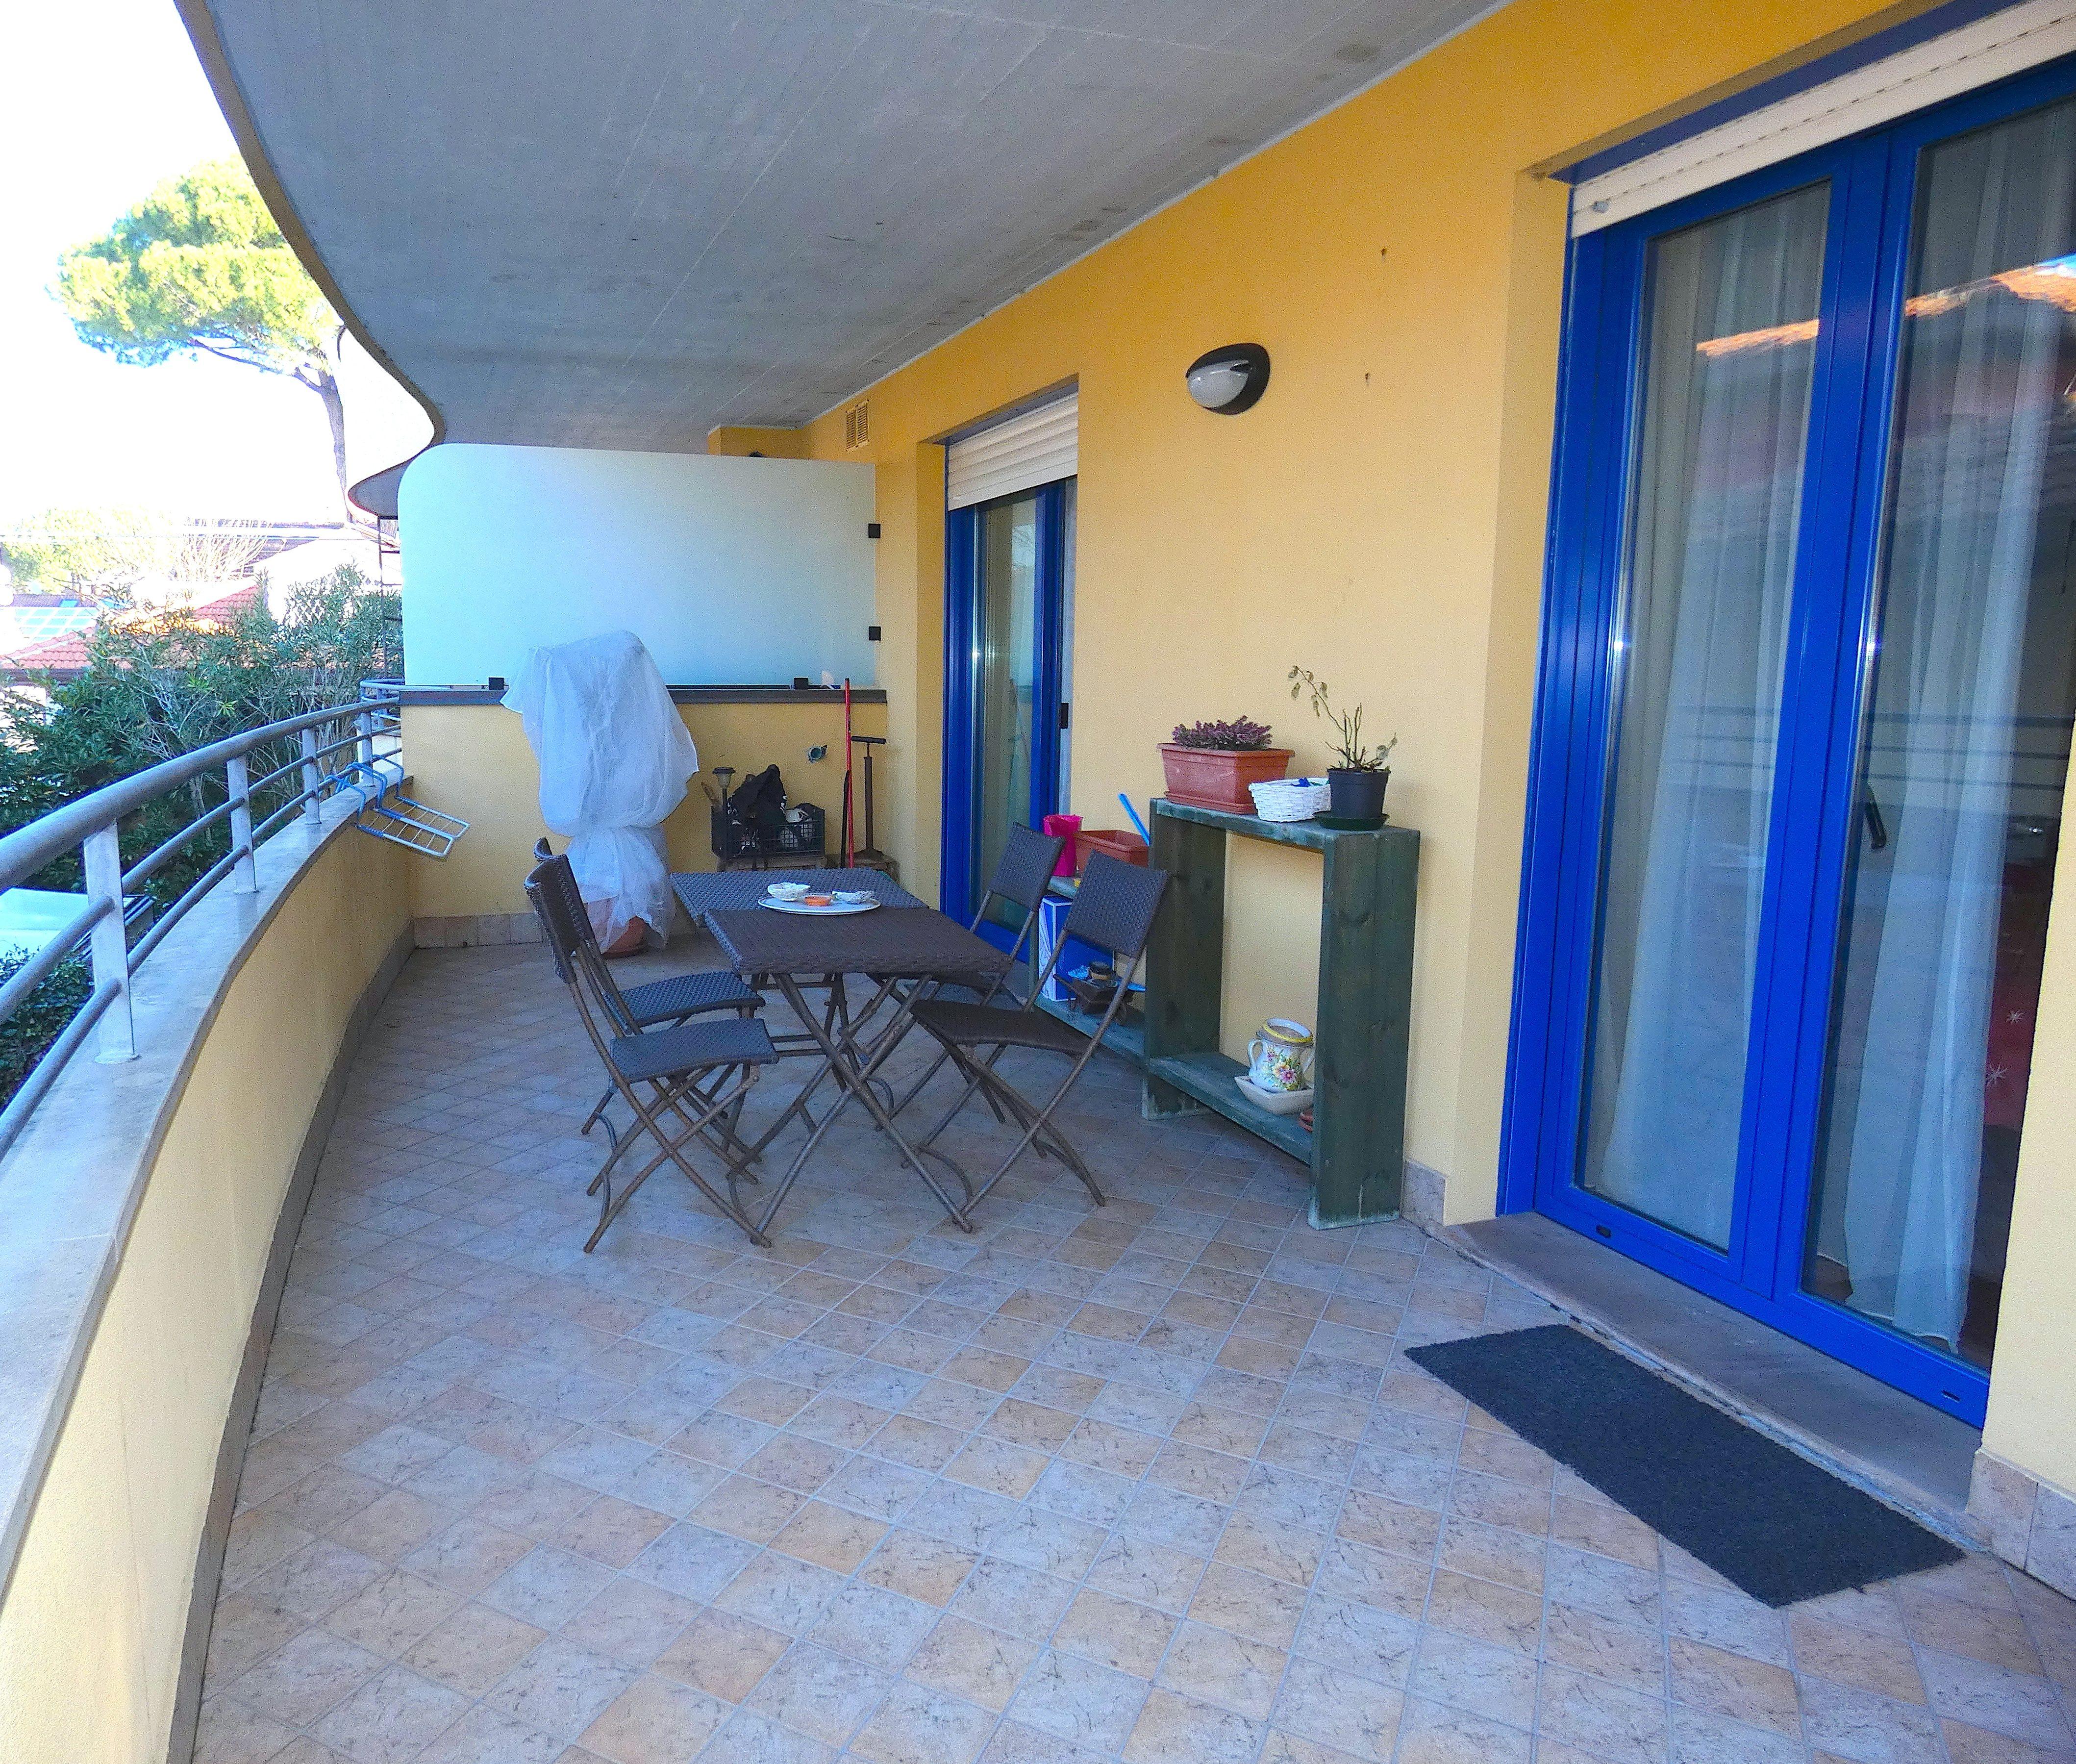 RICCIONE ABISSINIA, Ampio appartamento in vendita con terrazzo abitabile